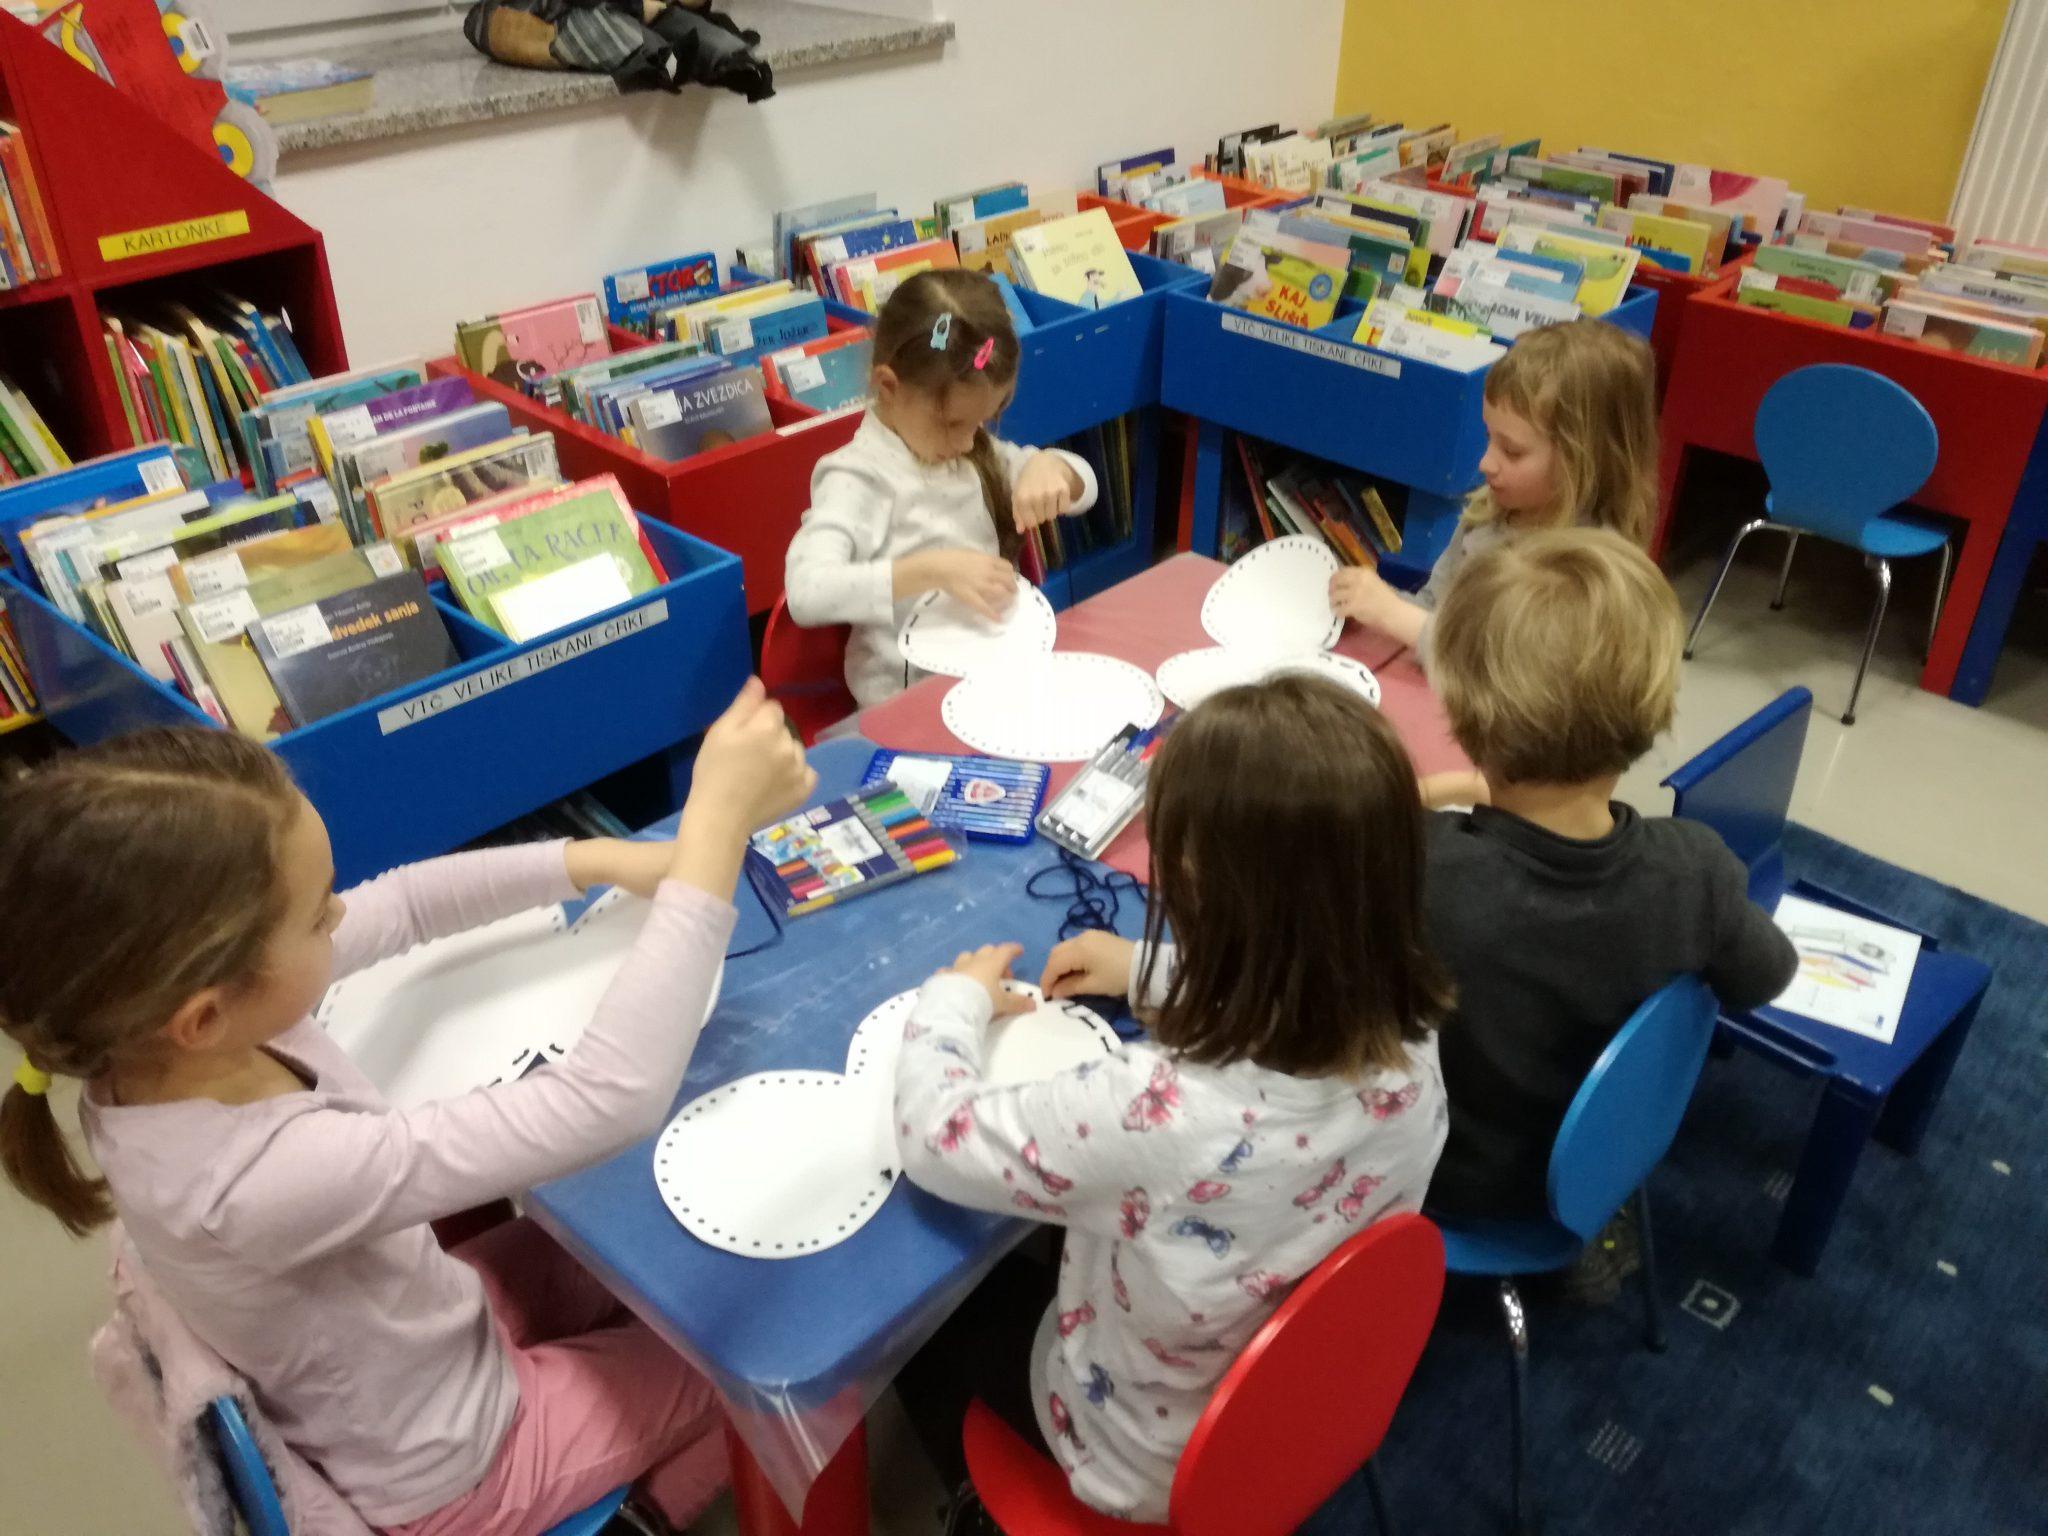 IMG 20190311 172015 - Pravljična urica z ustvarjalno delavnico za otroke od 4. leta dalje